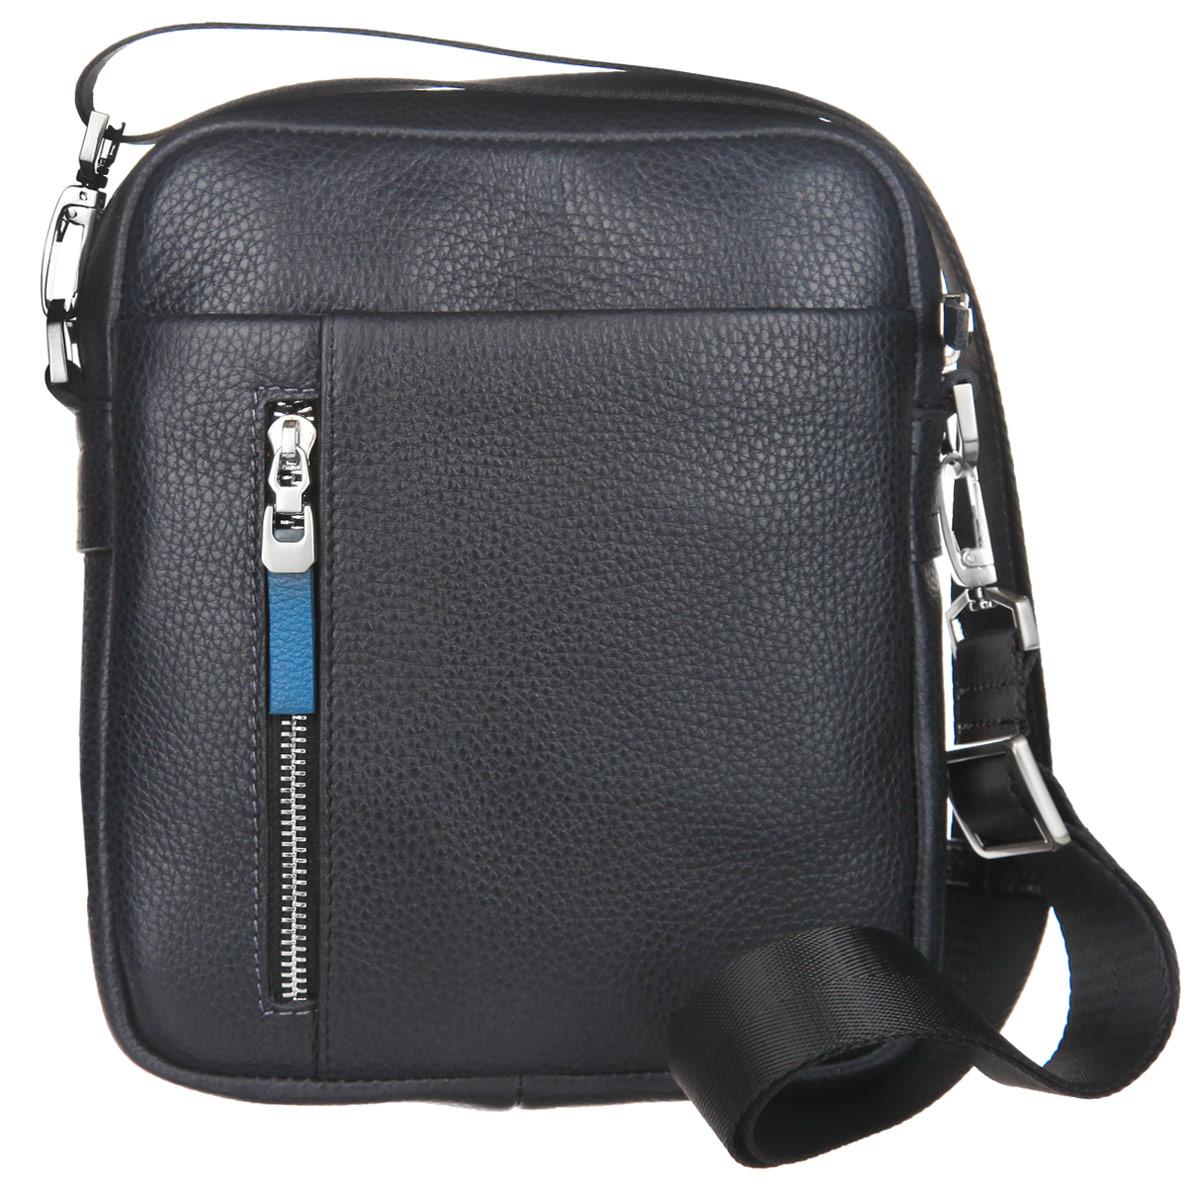 Сумка мужская Bruttus, цвет: темно-серый, синий. 941941Стильная мужская сумка Bruttus изготовлена из натуральной кожи с фактурным тиснением. Модель имеет одно основное отделение, которое закрывается на застежку-молнию. Внутри имеется два открытых кармашка для телефона и мелочей и прорезной карман на застежке-молнии. Снаружи на передней стенке располагается пришивной открытый карман с прорезным отделением на застежке-молнии. На задней стенке расположен прорезной карман на застежке-молнии. Изделие оснащено съемным текстильным плечевым ремнем, который регулируется по длине. Сумка упакована в фирменный чехол. Сумка Bruttus поможет вам подчеркнуть чувство стиля и завершить выбранный образ.